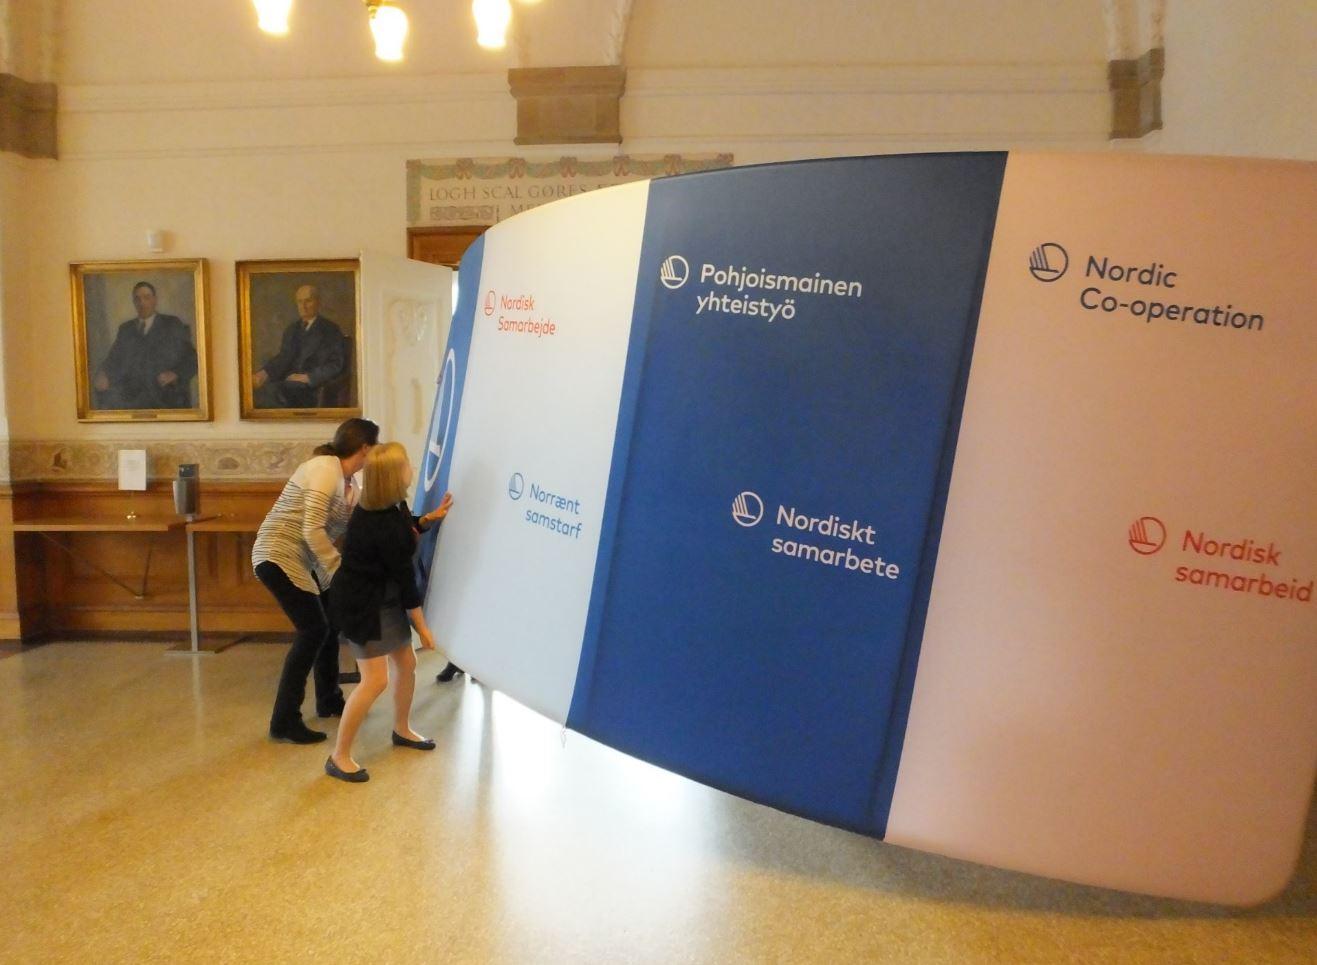 Direkt från Köpenhamn: Nordiska rådet brottas med språkfrågor